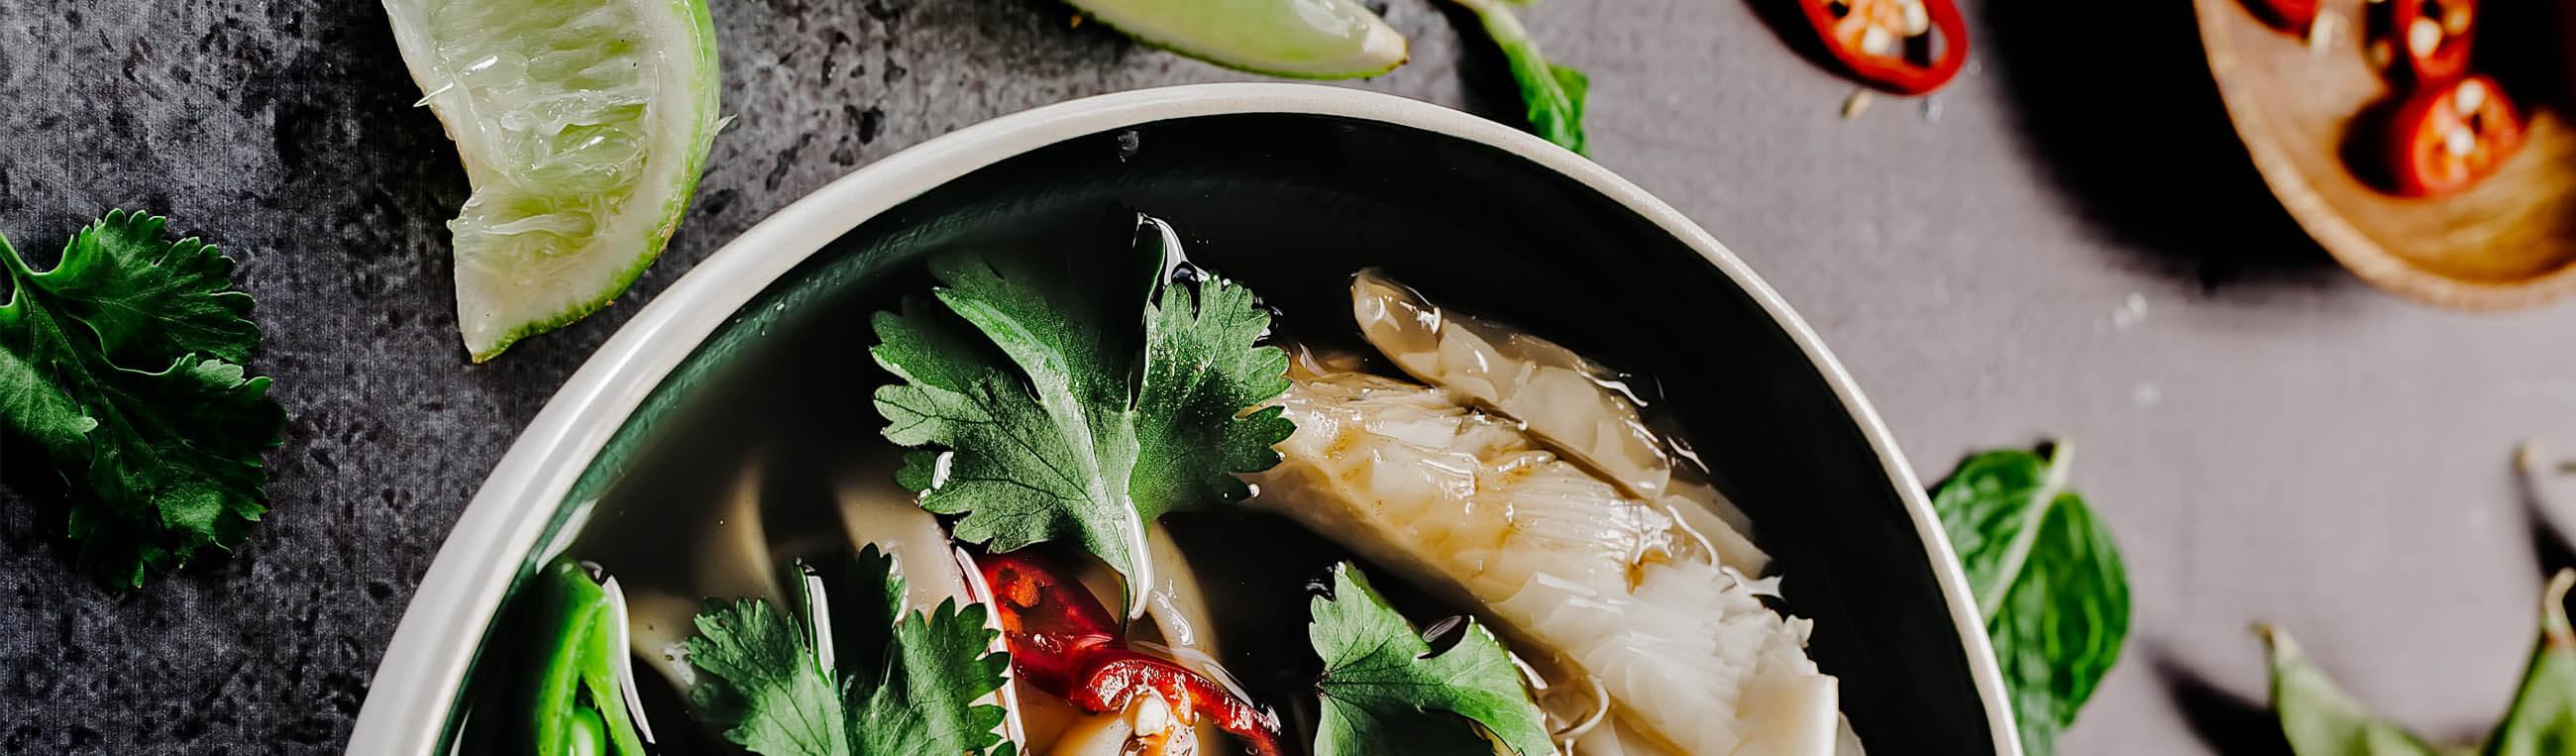 Recept på veganska asiatiska rätter